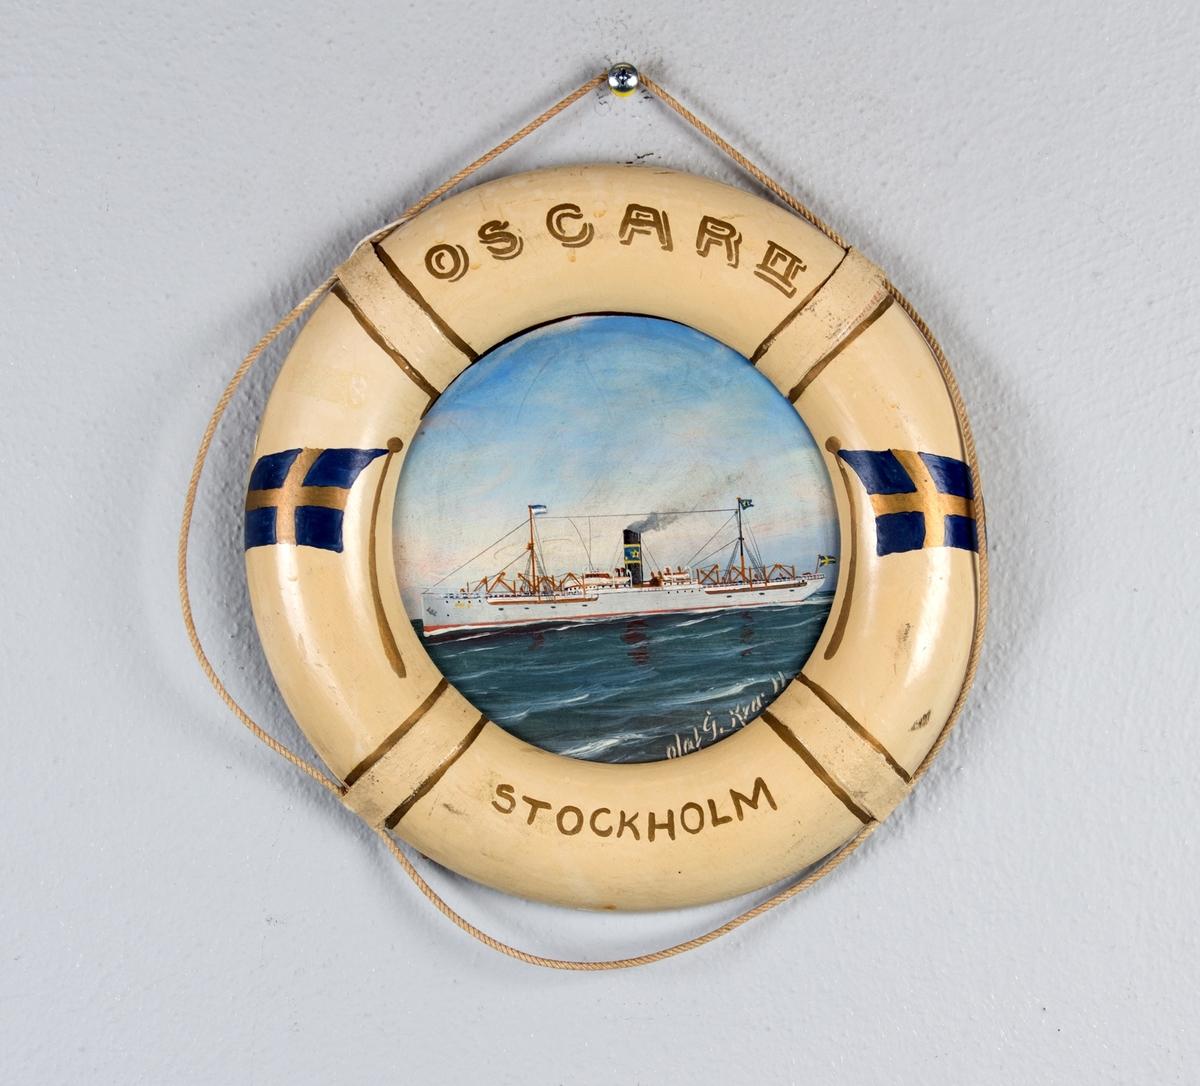 Skipsportrett av svenske DS OSCAR II i rom sjø. Rammen er utformet som en livbøye dekorert med svenske flagg og skipets  navn og hjemmehavn.